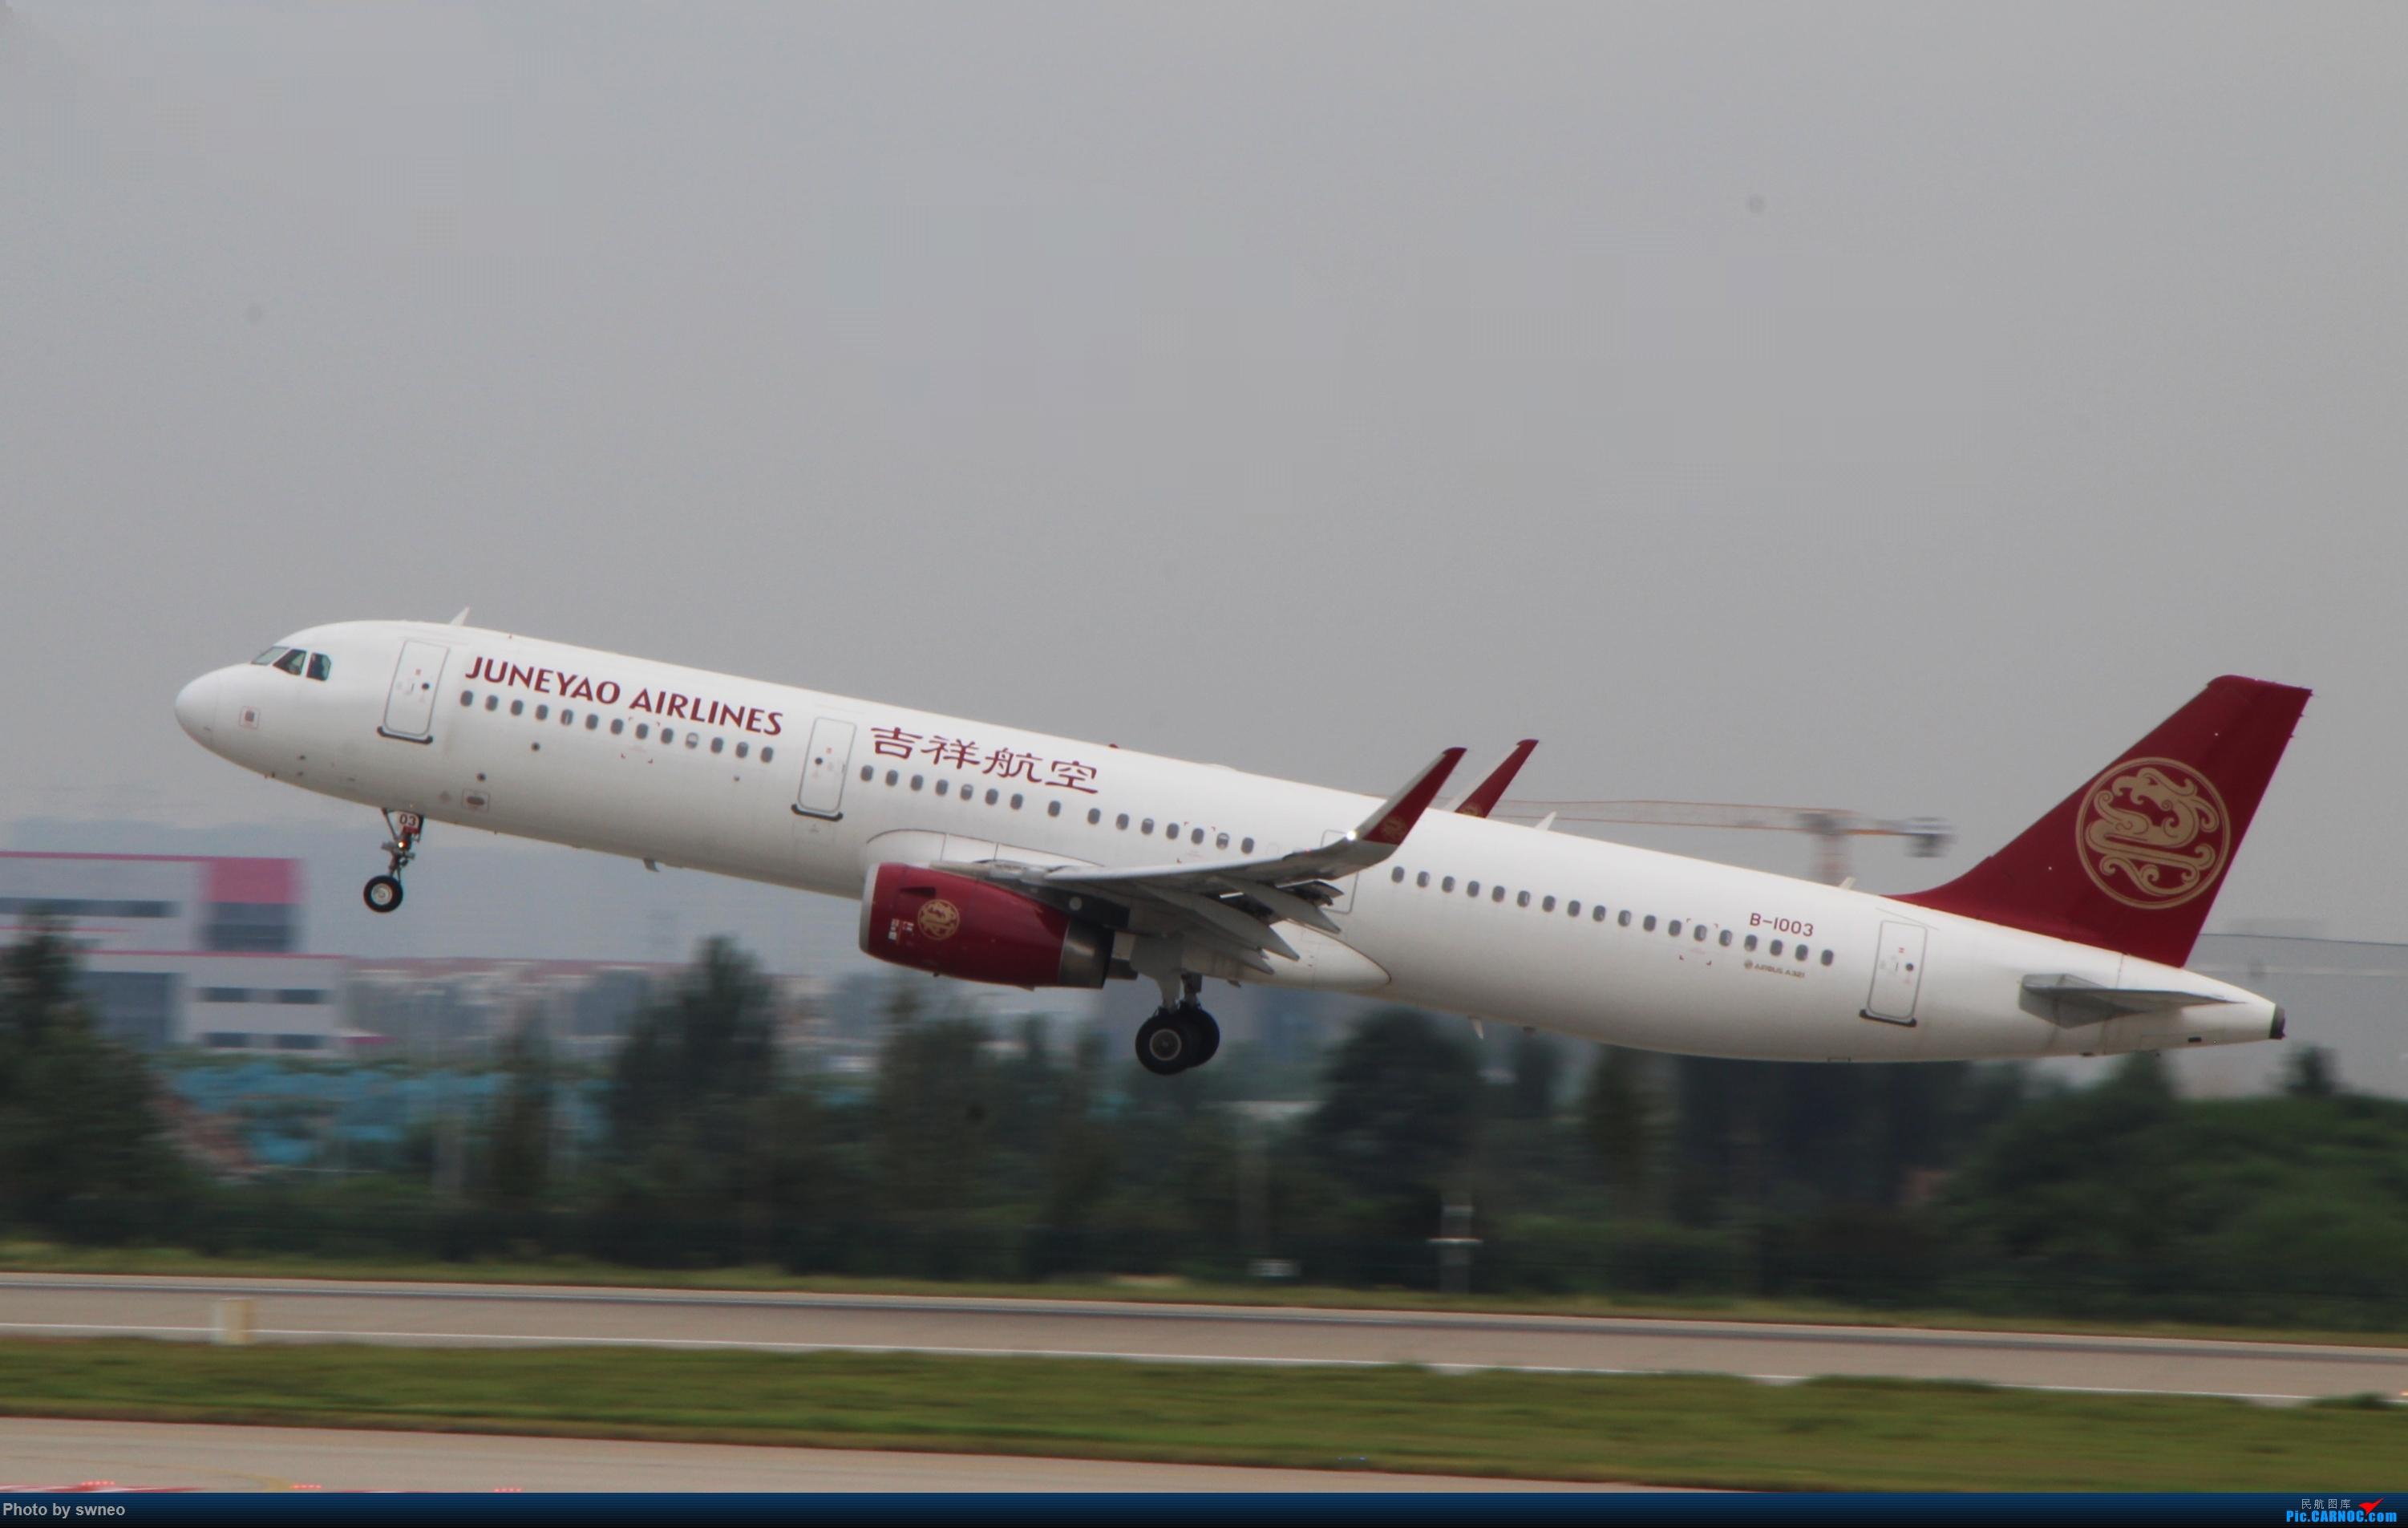 Re:[原创]CGO萌新拍机 AIRBUS A321-200 B-1003 中国郑州新郑国际机场